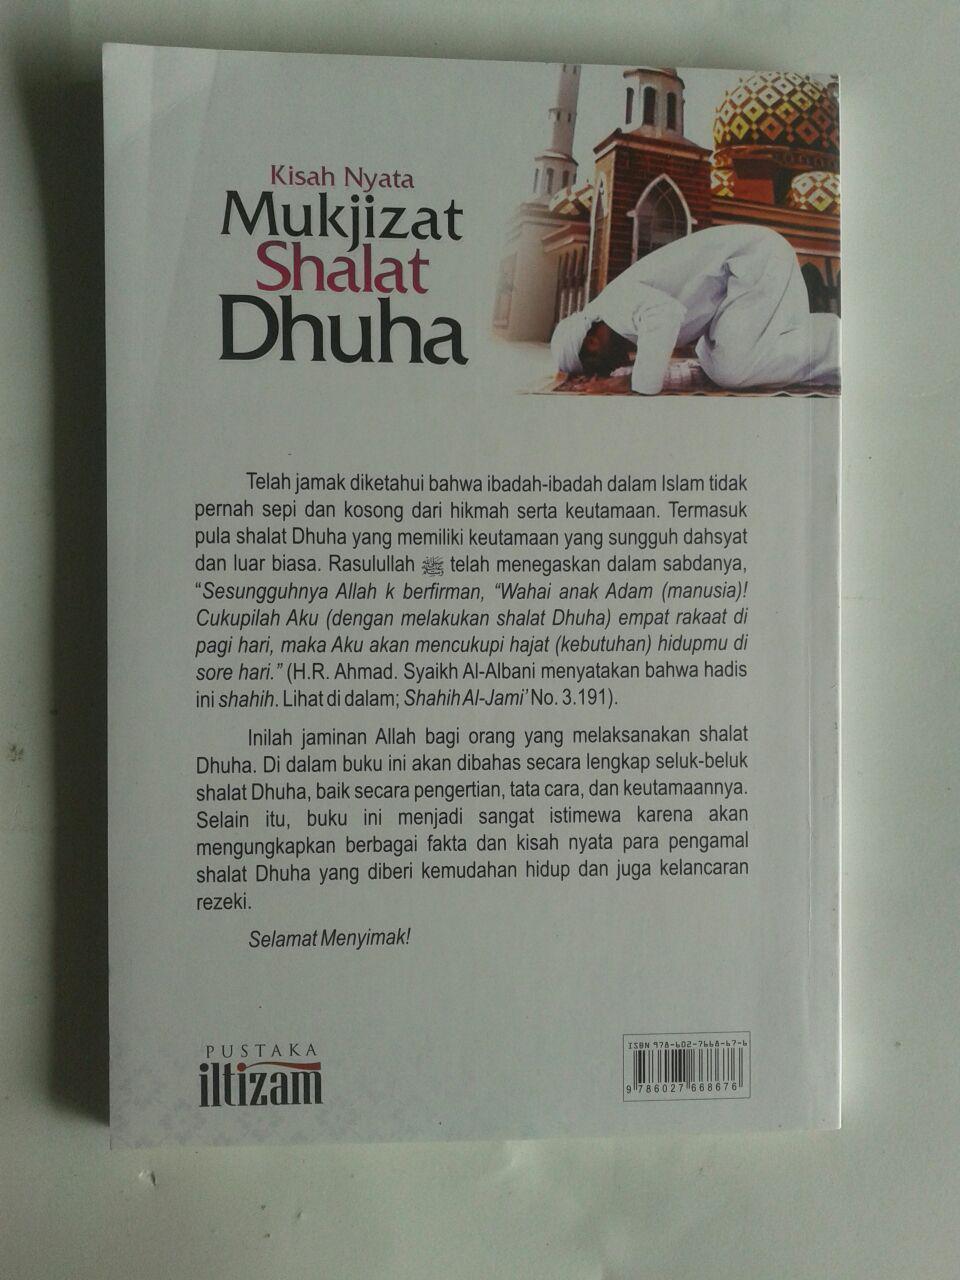 Buku Kisah Nyata Mukjizat Shalat Dhuha Pembuka Pintu Rezeki cover